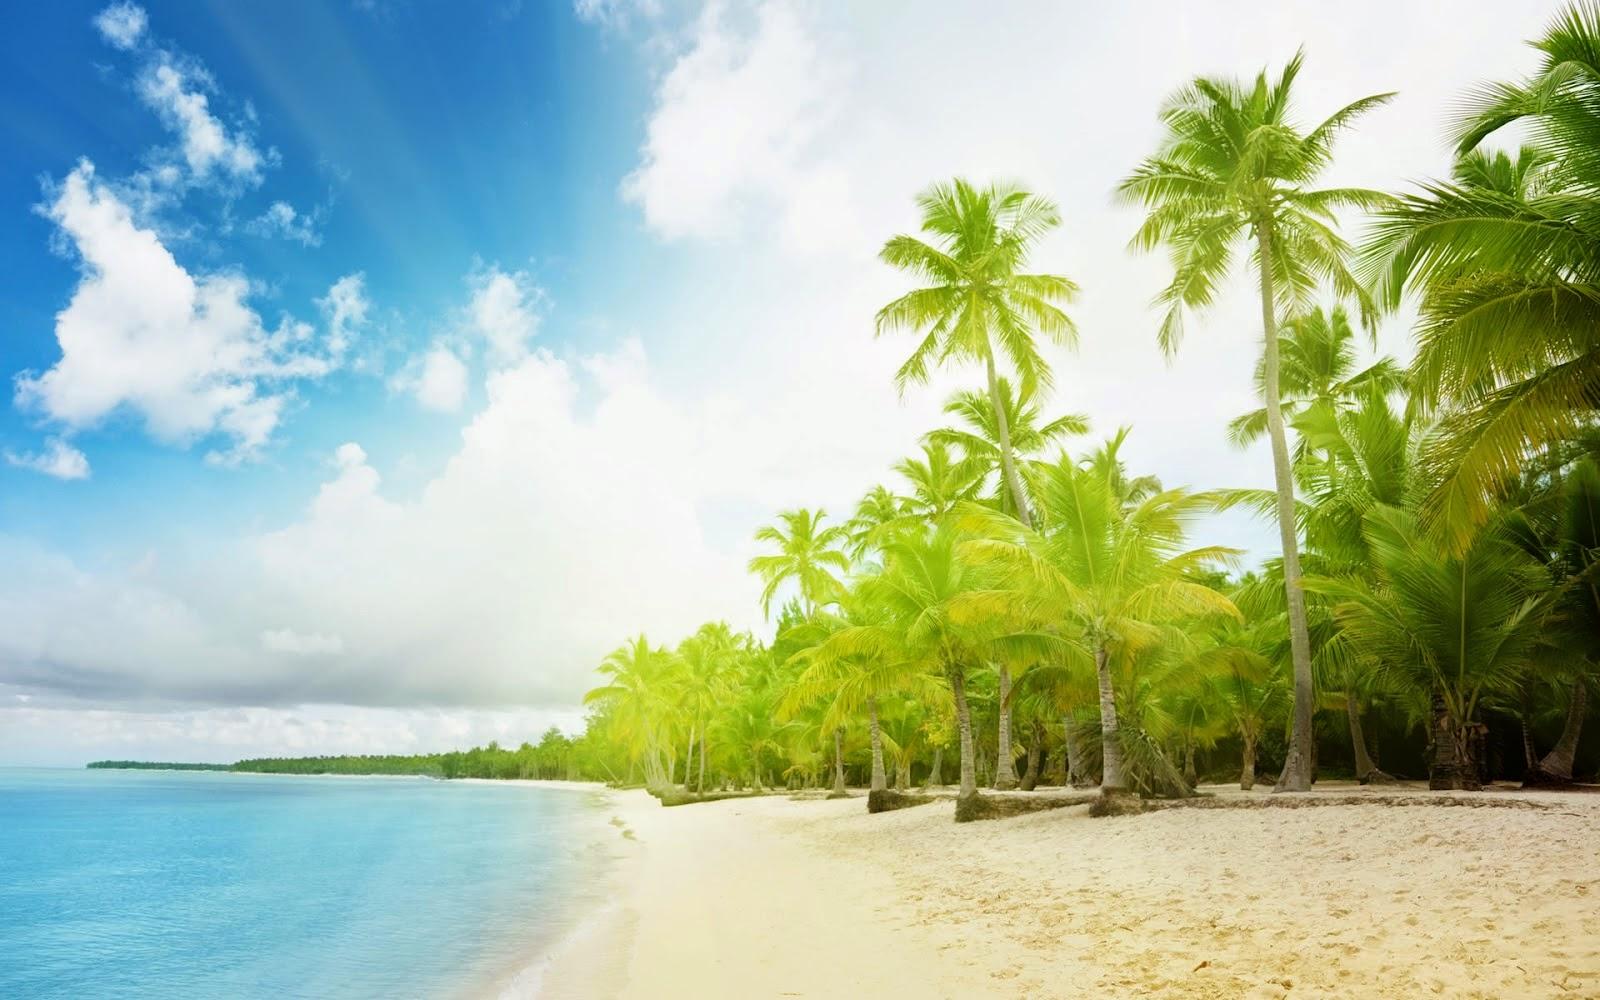 Thiên nhiên tươi đẹp với biển xanh cát trắng và rặng dừa biển